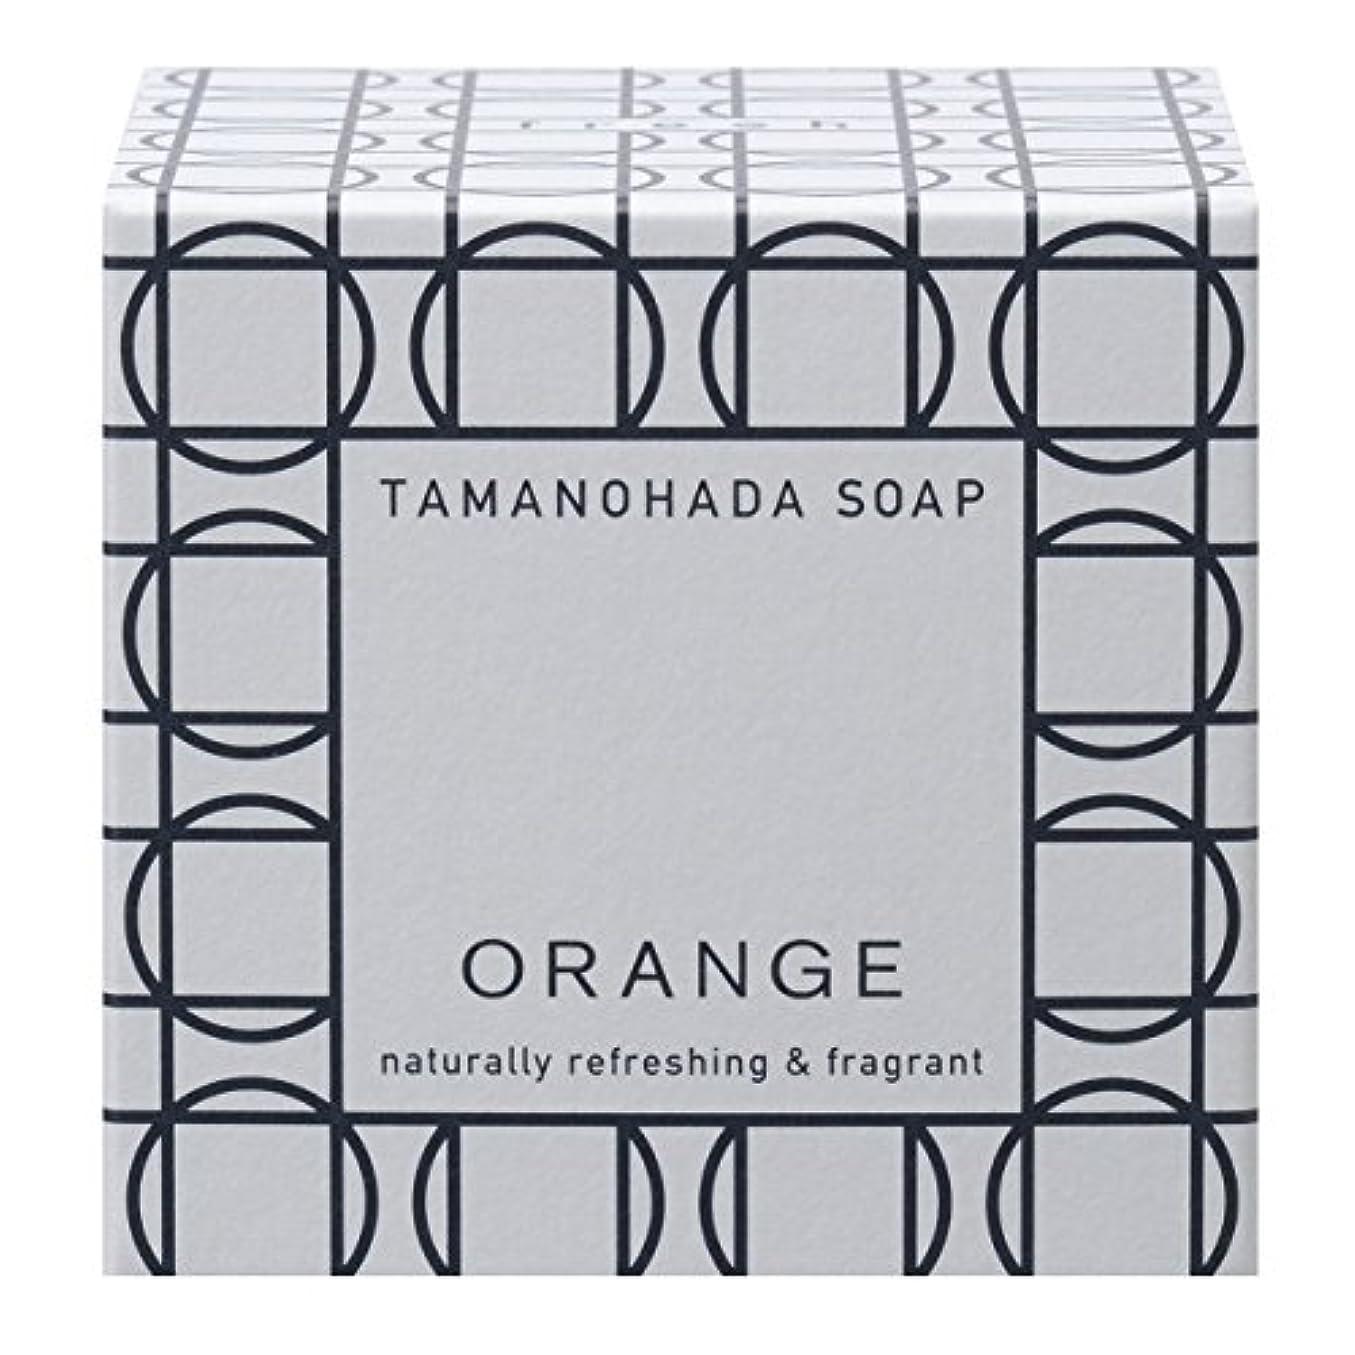 キャンディー裁判官口径タマノハダ ソープ 001 オレンジ 125g